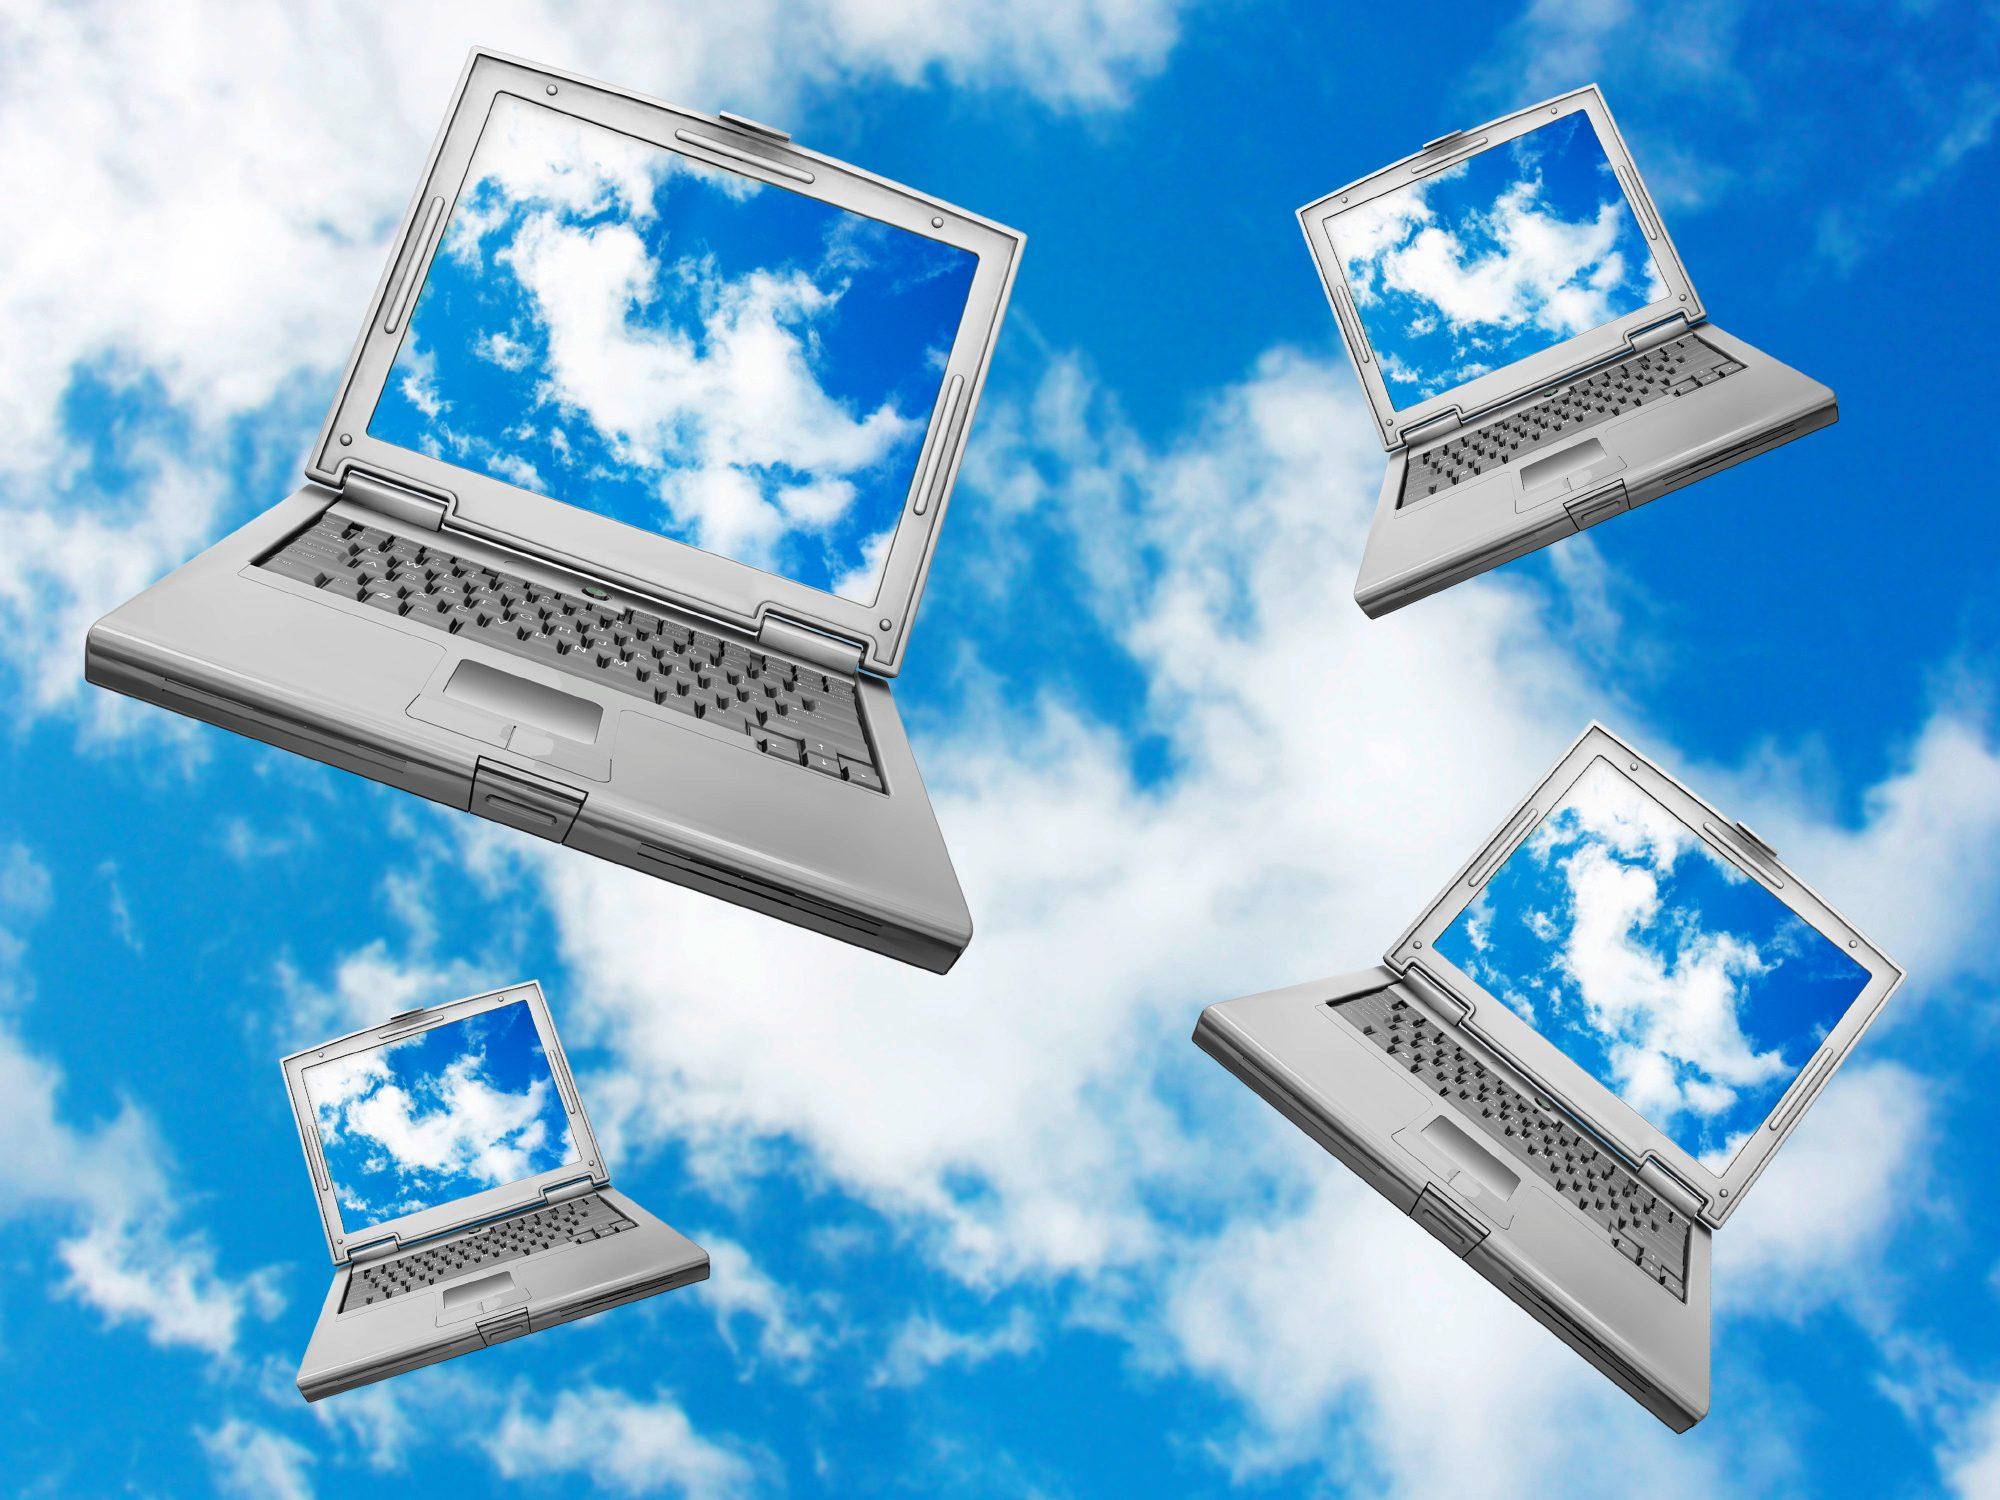 Settore pubblico: con cloud computing, risparmio di 2,5 mld di euro